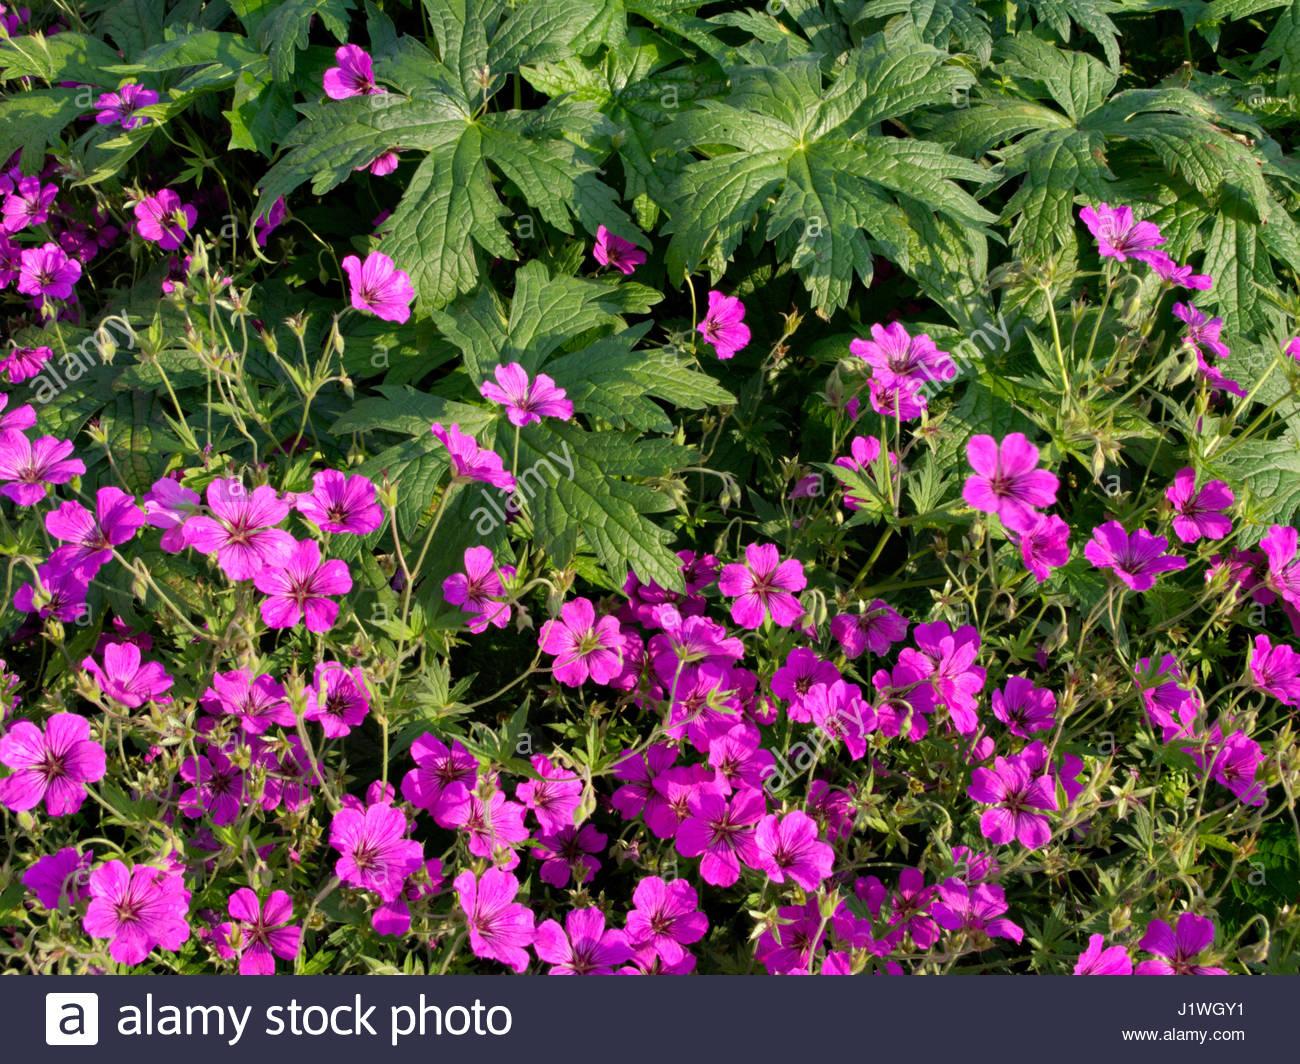 geranium sanguineum striatum stock photos geranium. Black Bedroom Furniture Sets. Home Design Ideas